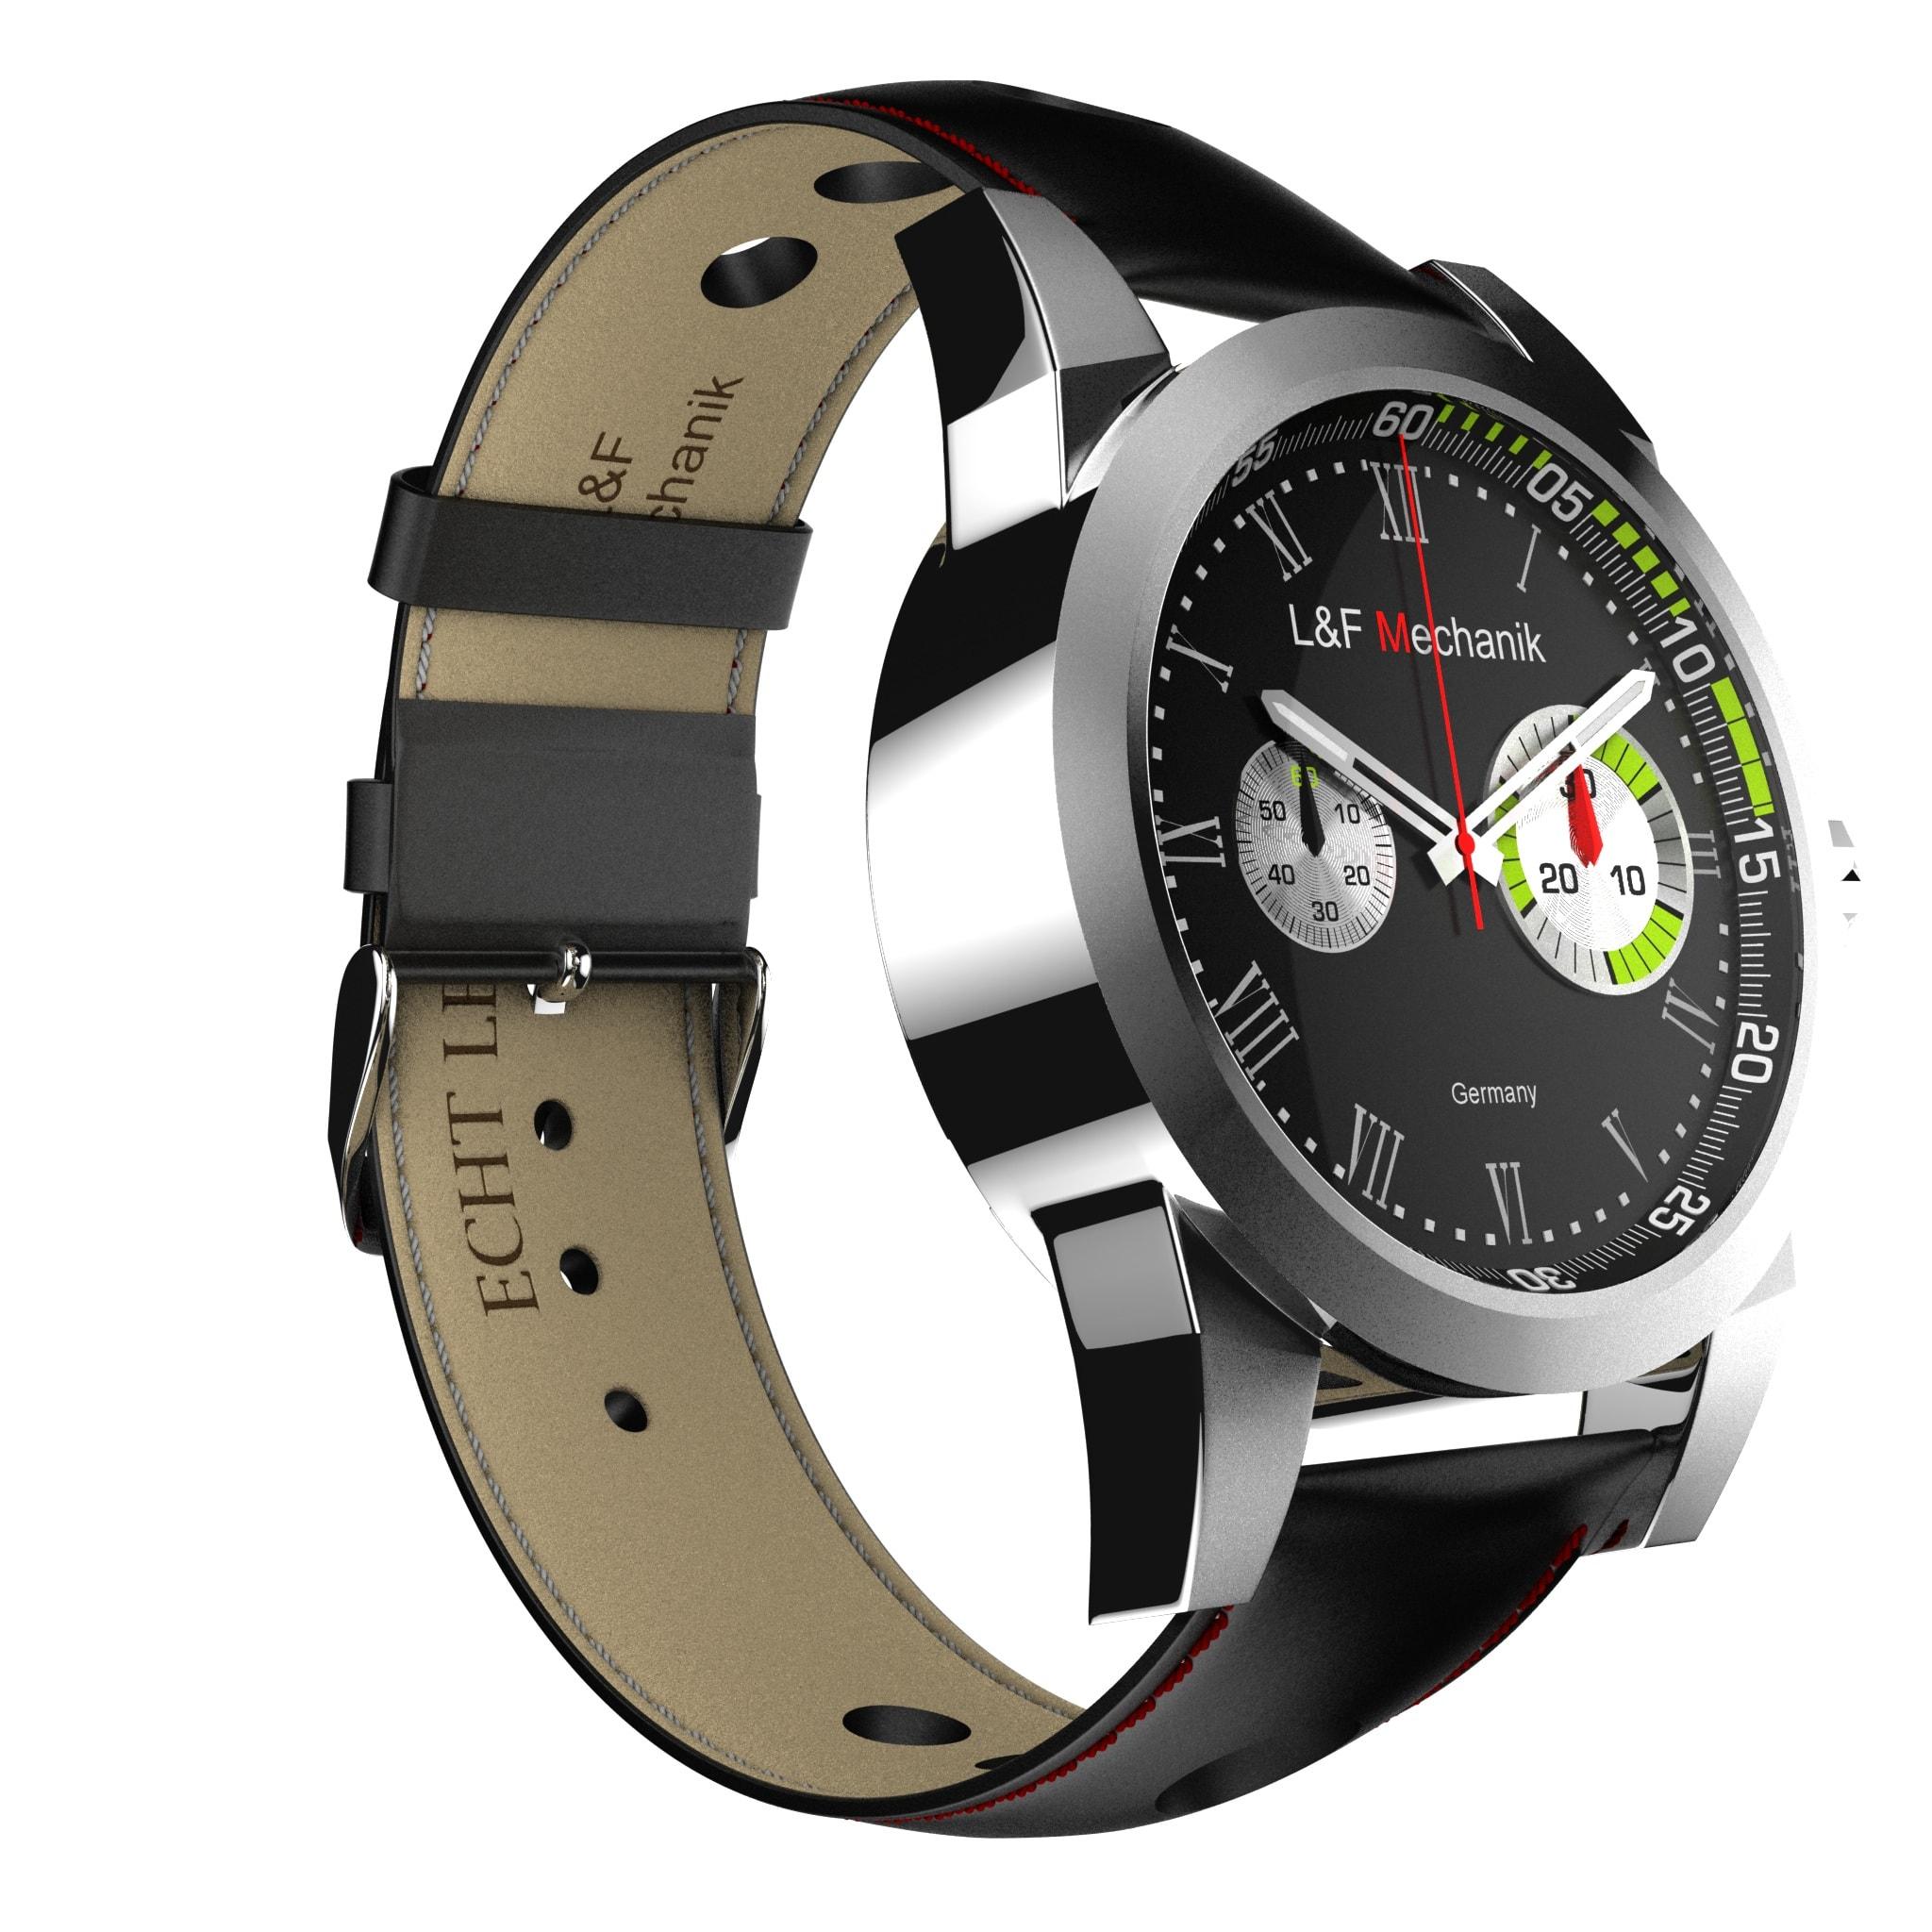 Visualisierung einer Uhr